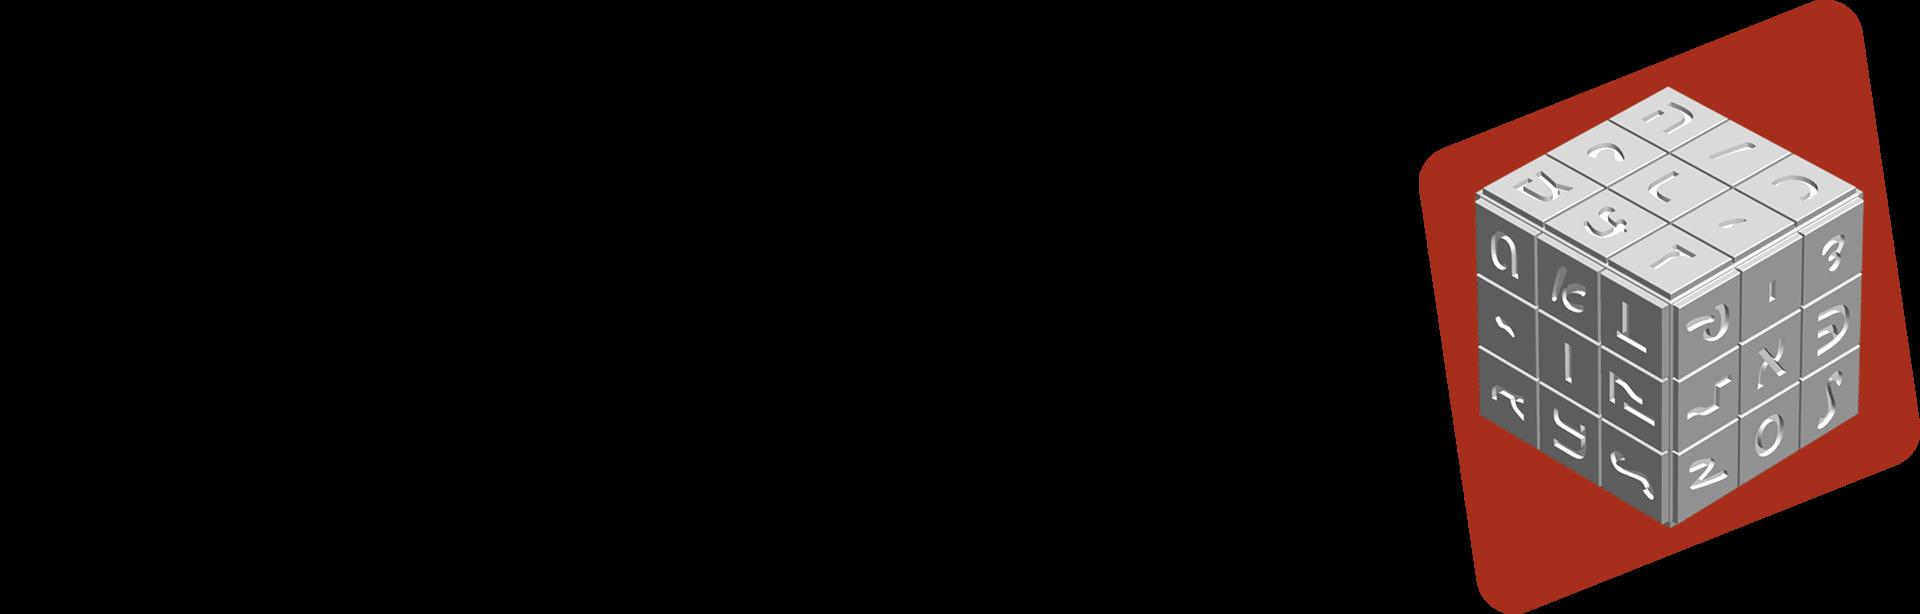 המרכז הישראלי לאסטרטגיות למידה לוגו